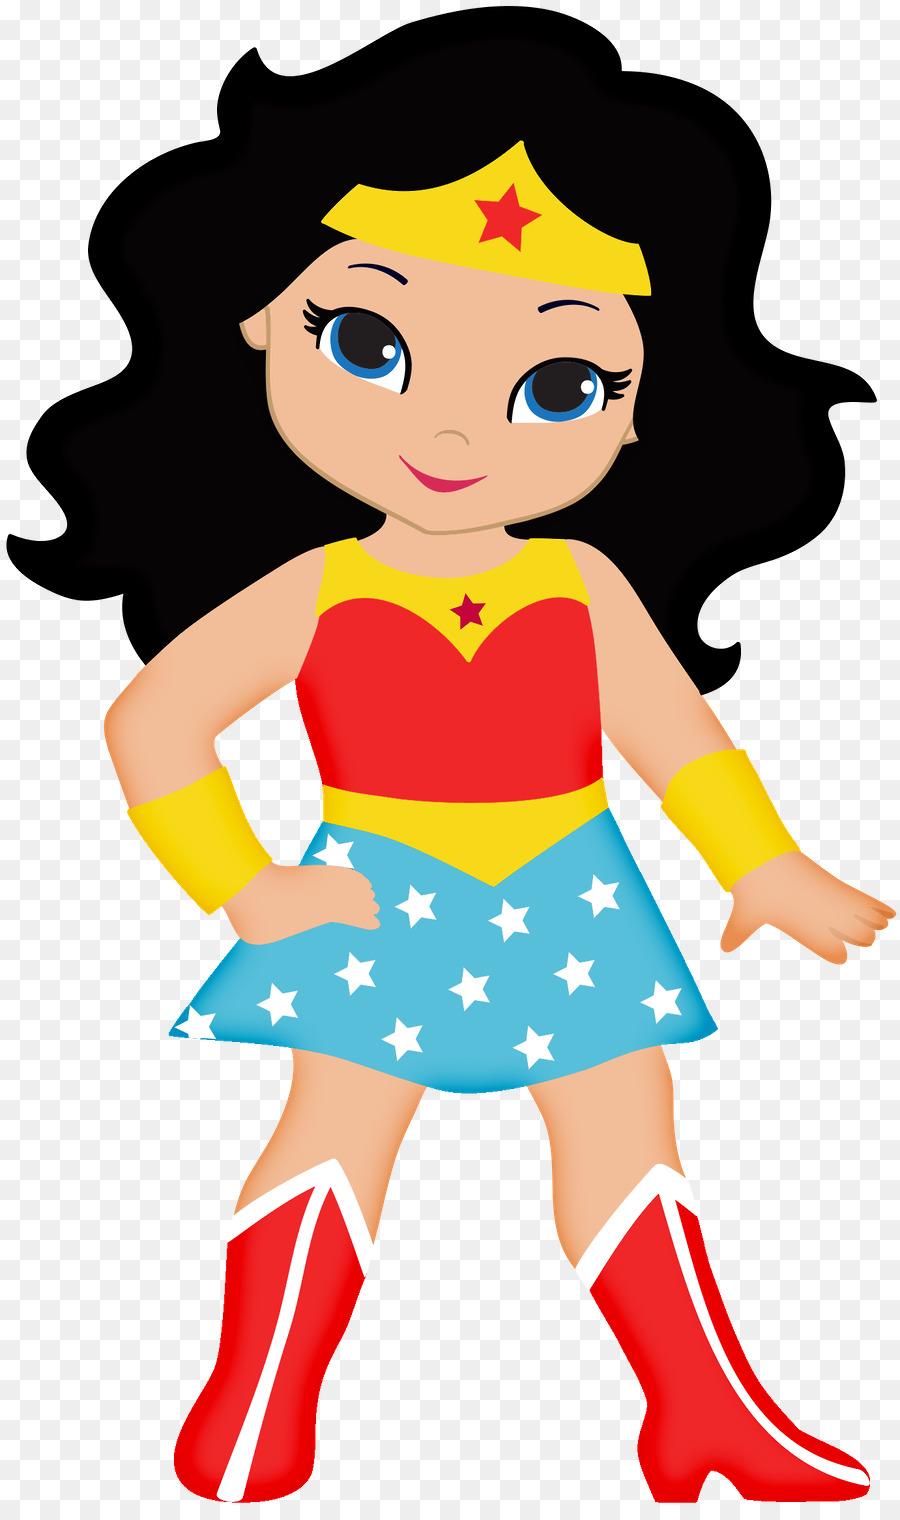 900x1520 Diana Prince Superman Batman Superwoman Clip Art